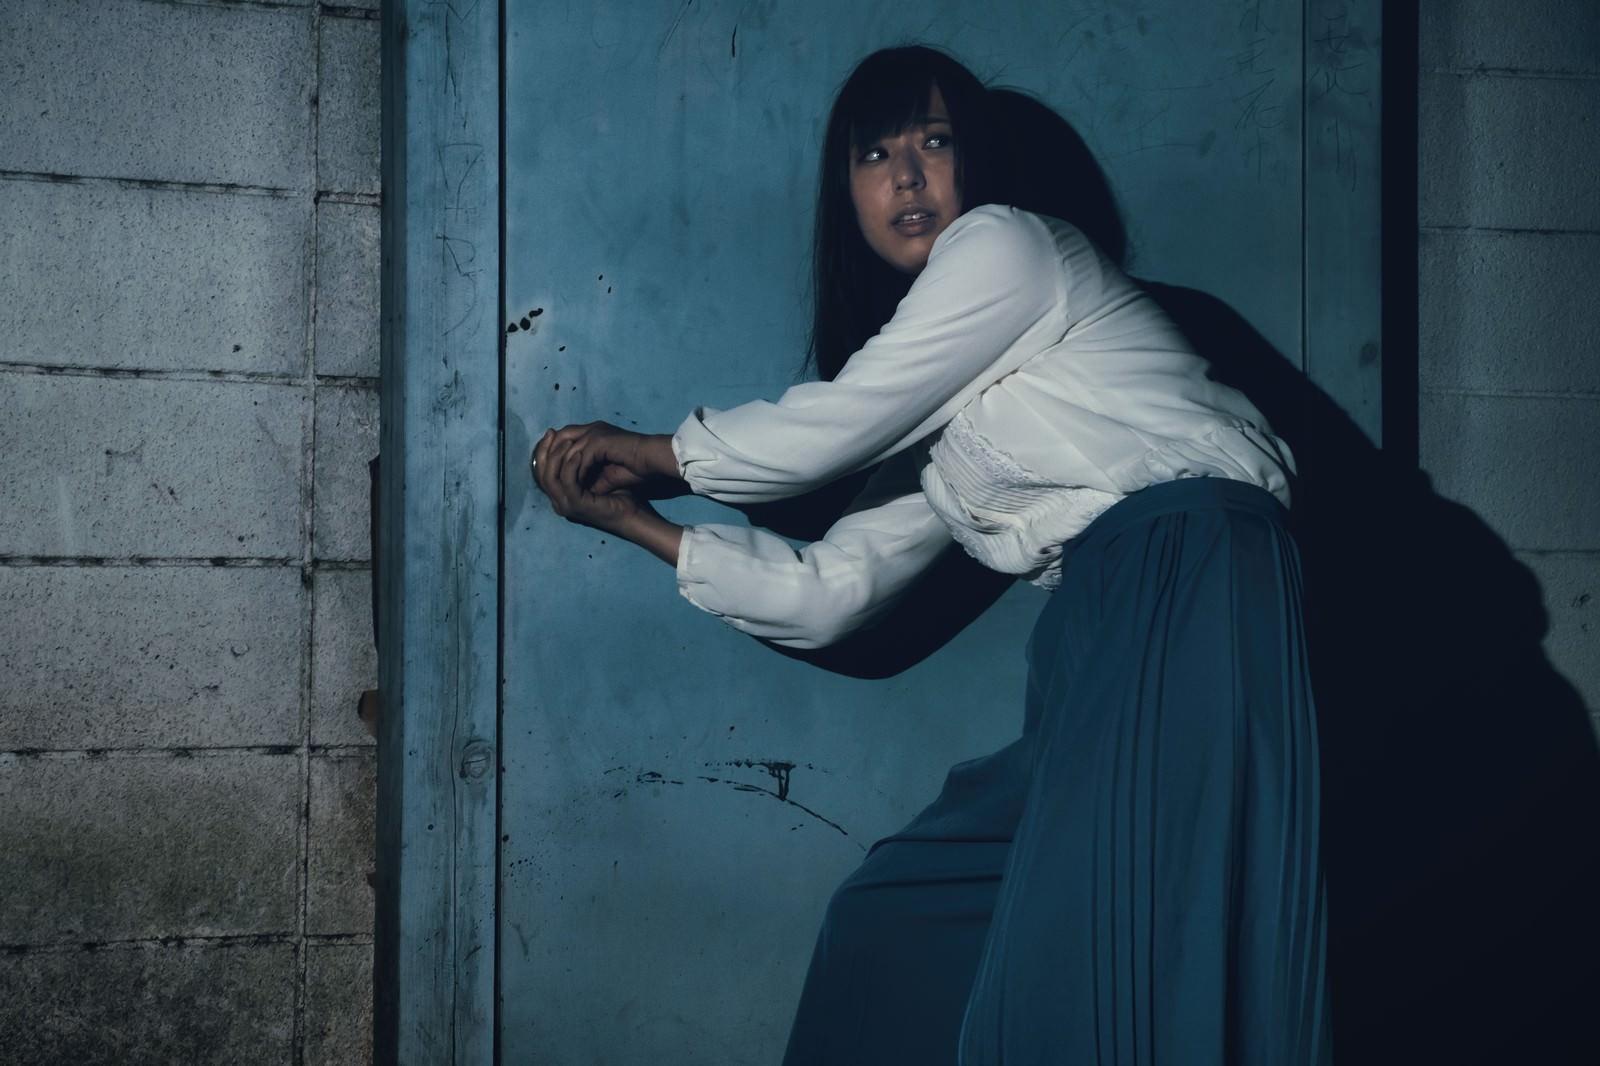 「パニック! ドアの鍵が開かない(死亡フラグ) | 写真の無料素材・フリー素材 - ぱくたそ」の写真[モデル:さとうゆい]